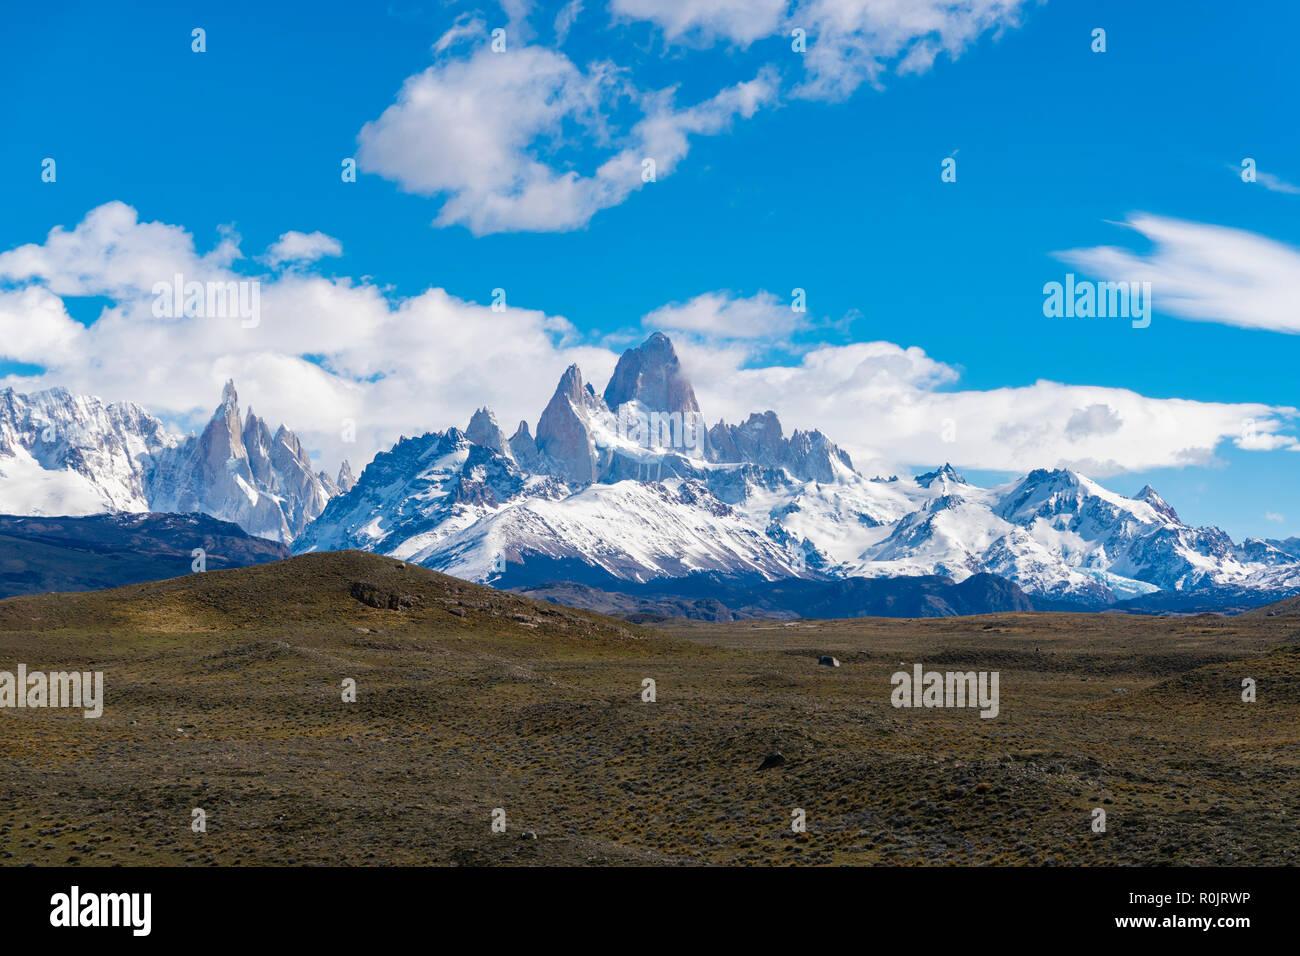 Vista del Monte Fitz Roy y el Cerro Torre en Argentina Foto de stock